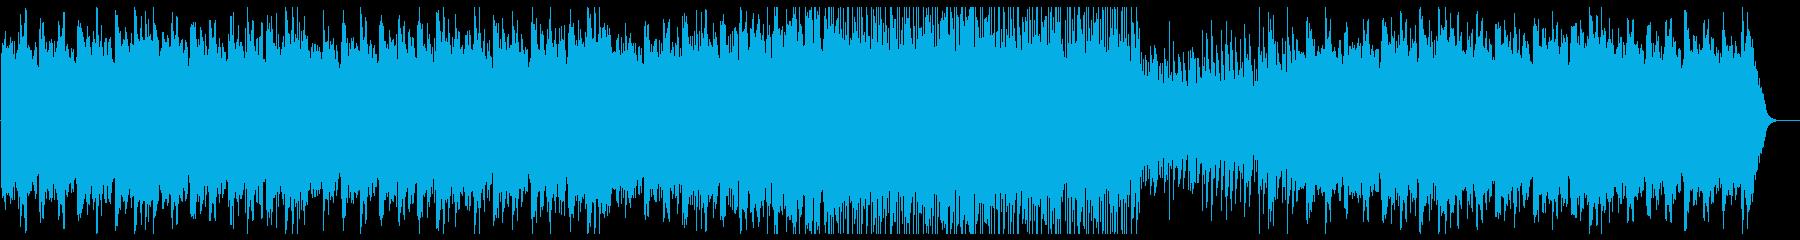 切なく美しい弦楽器シンセサウンドの再生済みの波形